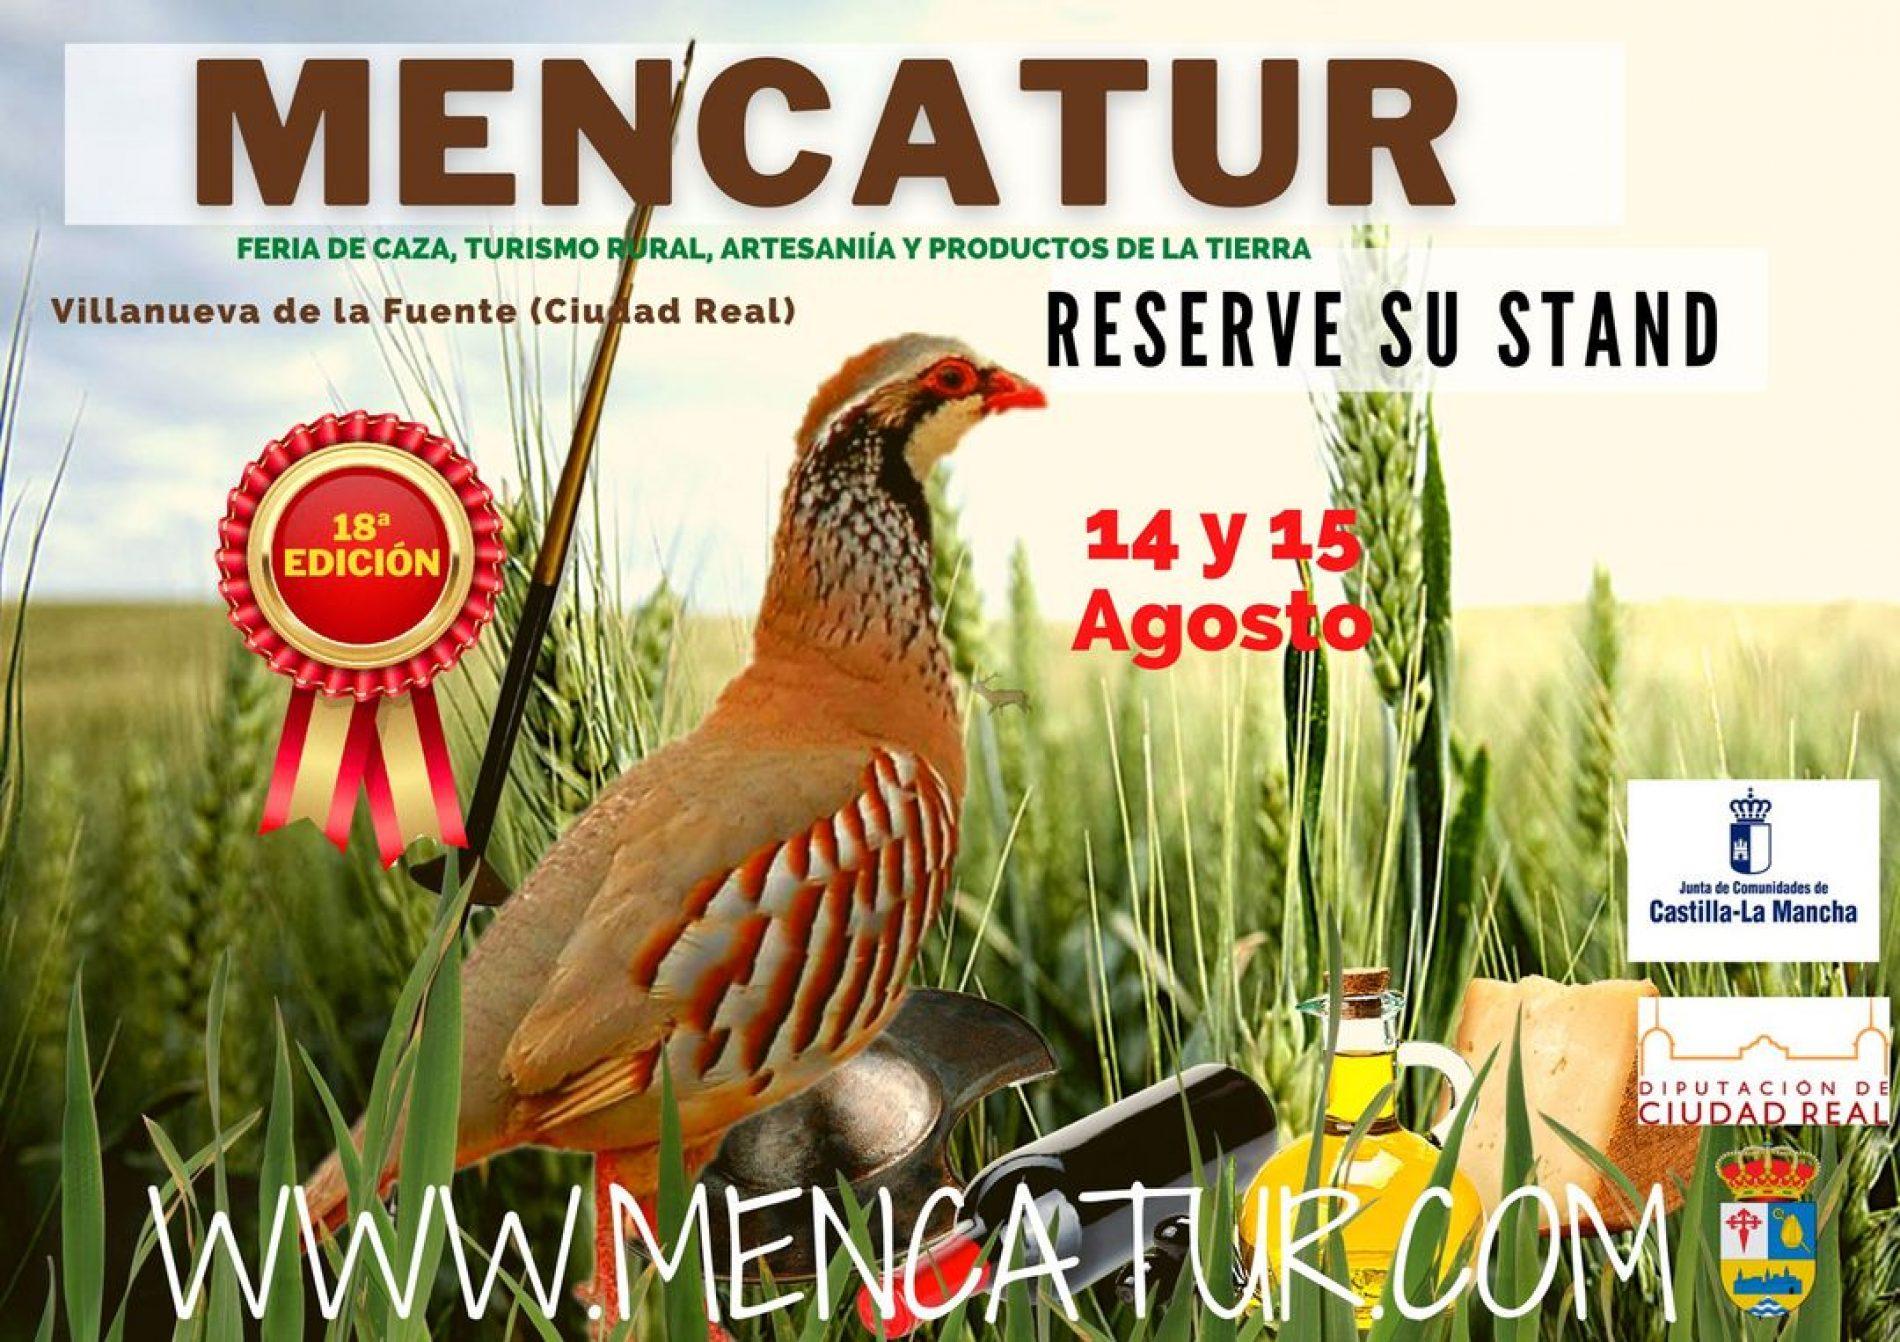 Vuelve Mencatur, la Feria de Caza, Turismo Rural, Artesanía y Productos de la Tierra